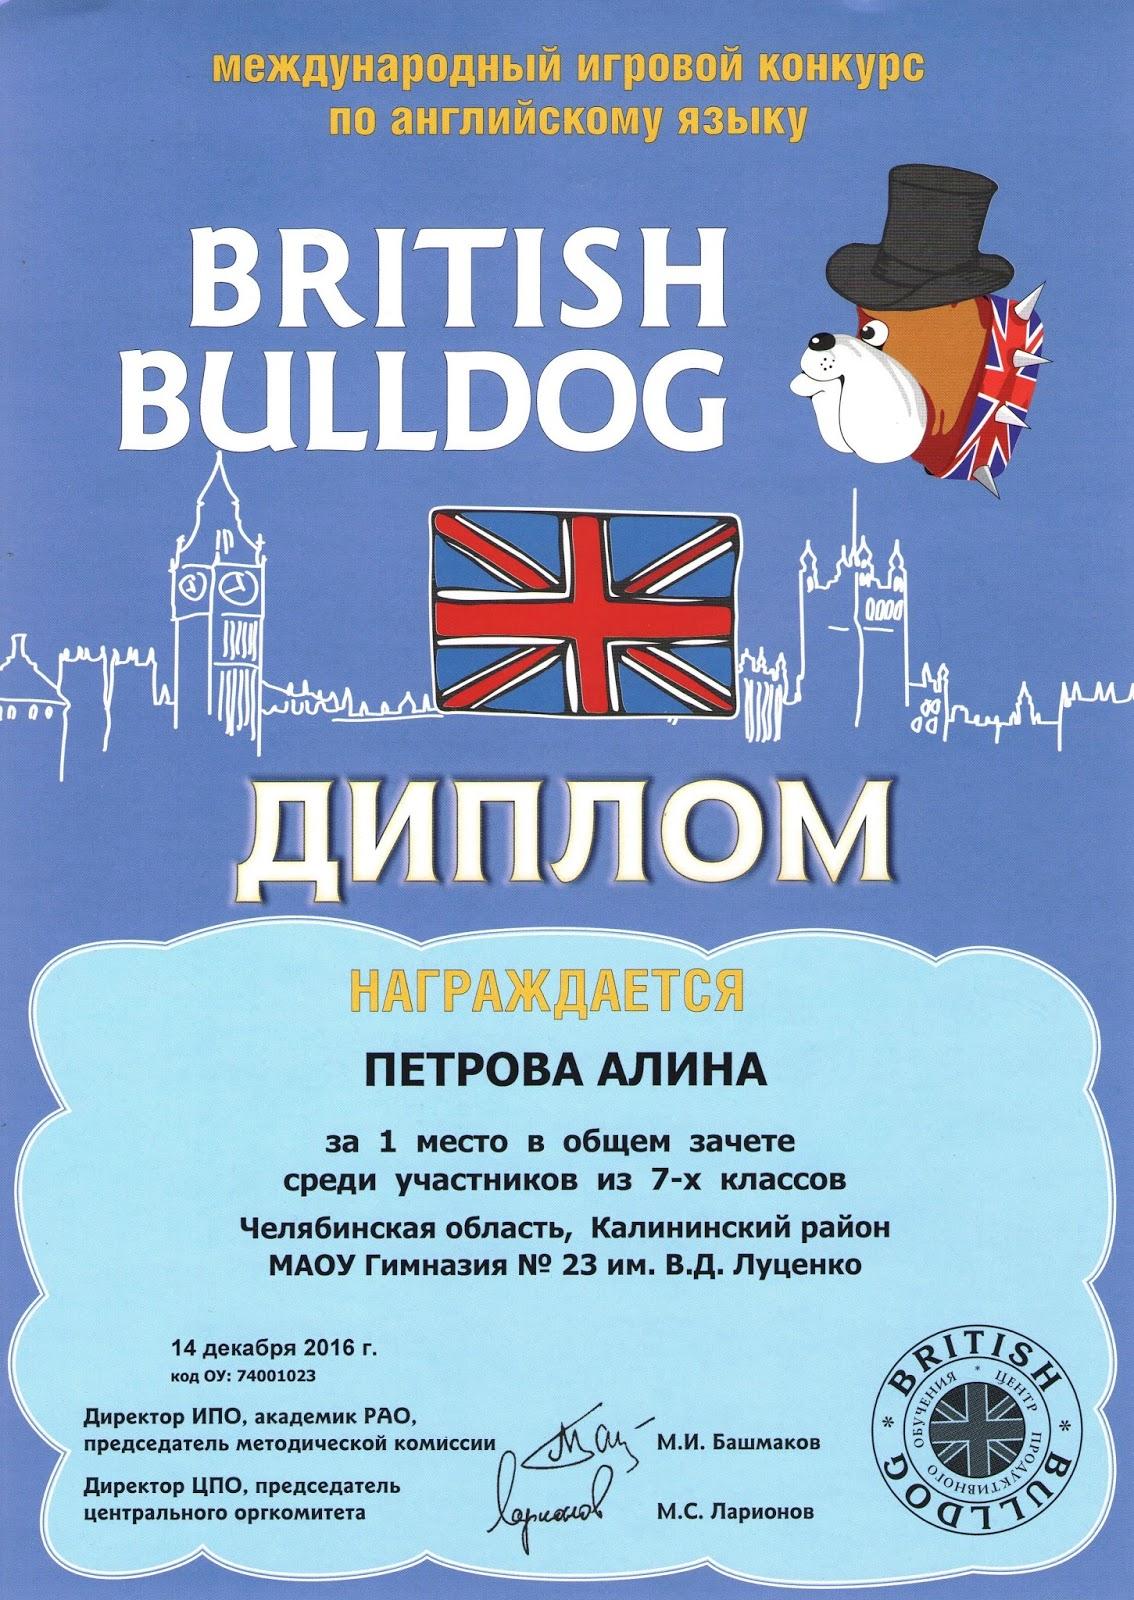 Сценарий английских конкурсов на английском языке